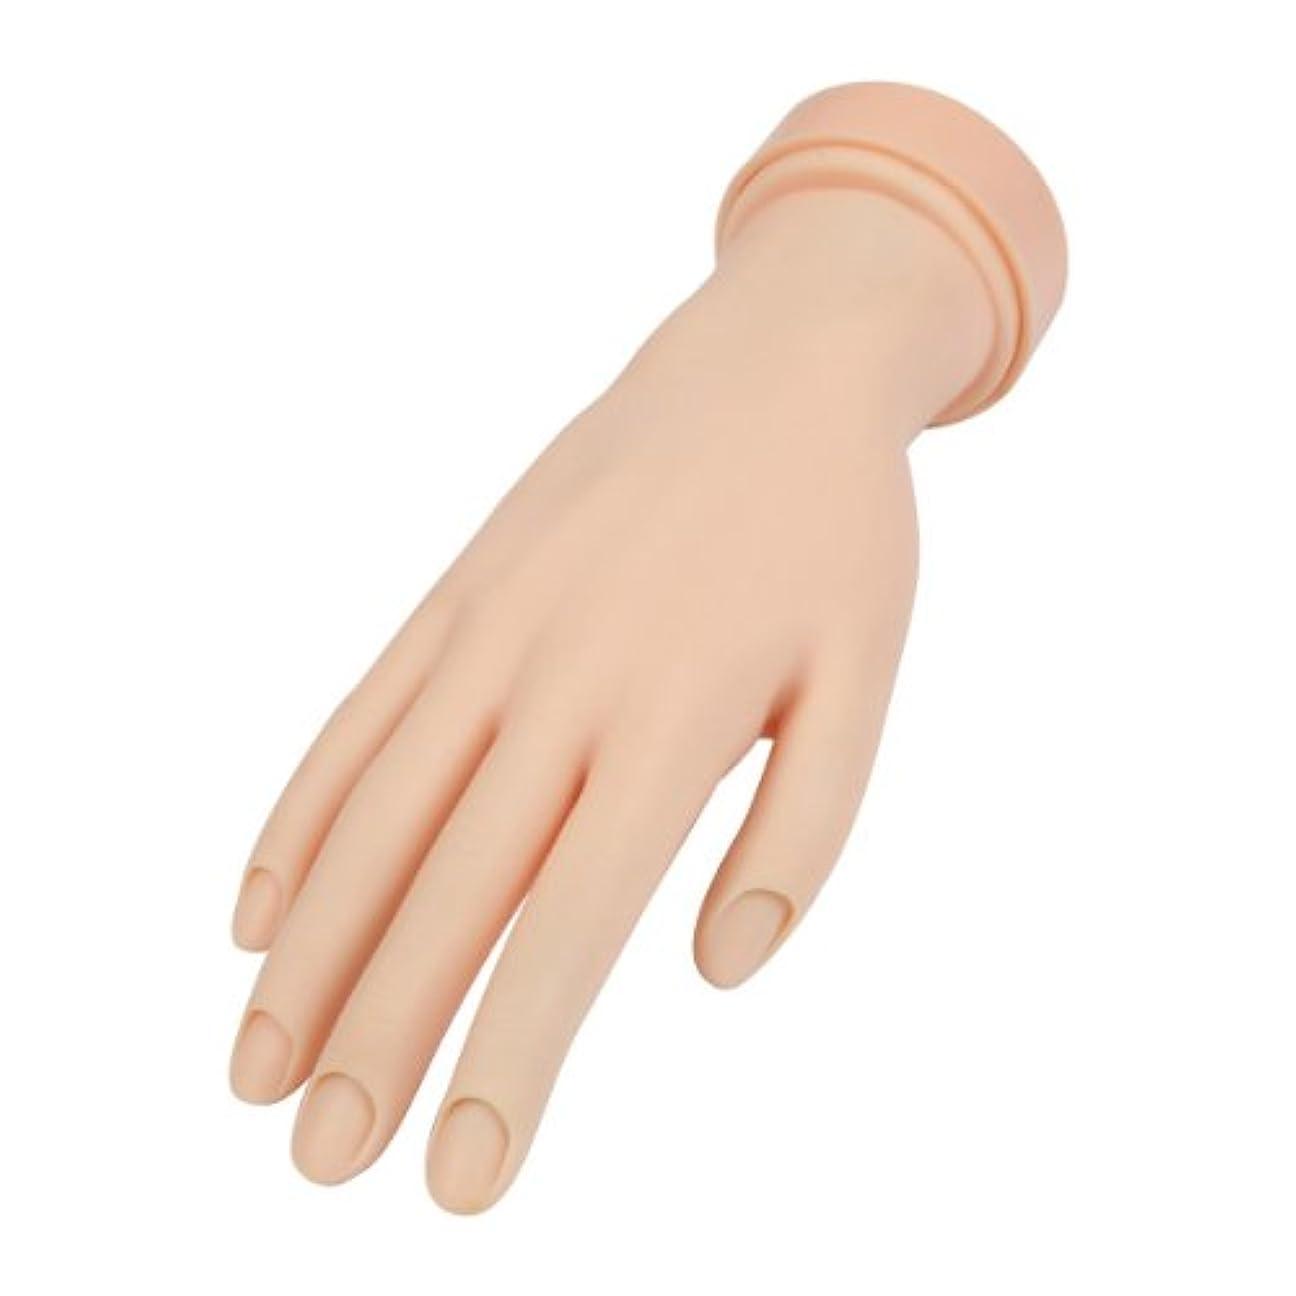 悪化する確かに独立してトレーニングハンド (ネイル用) 右手 [ 練習用マネキン 手 指 ハンドマネキン マネキン 施術 トレーニング ]